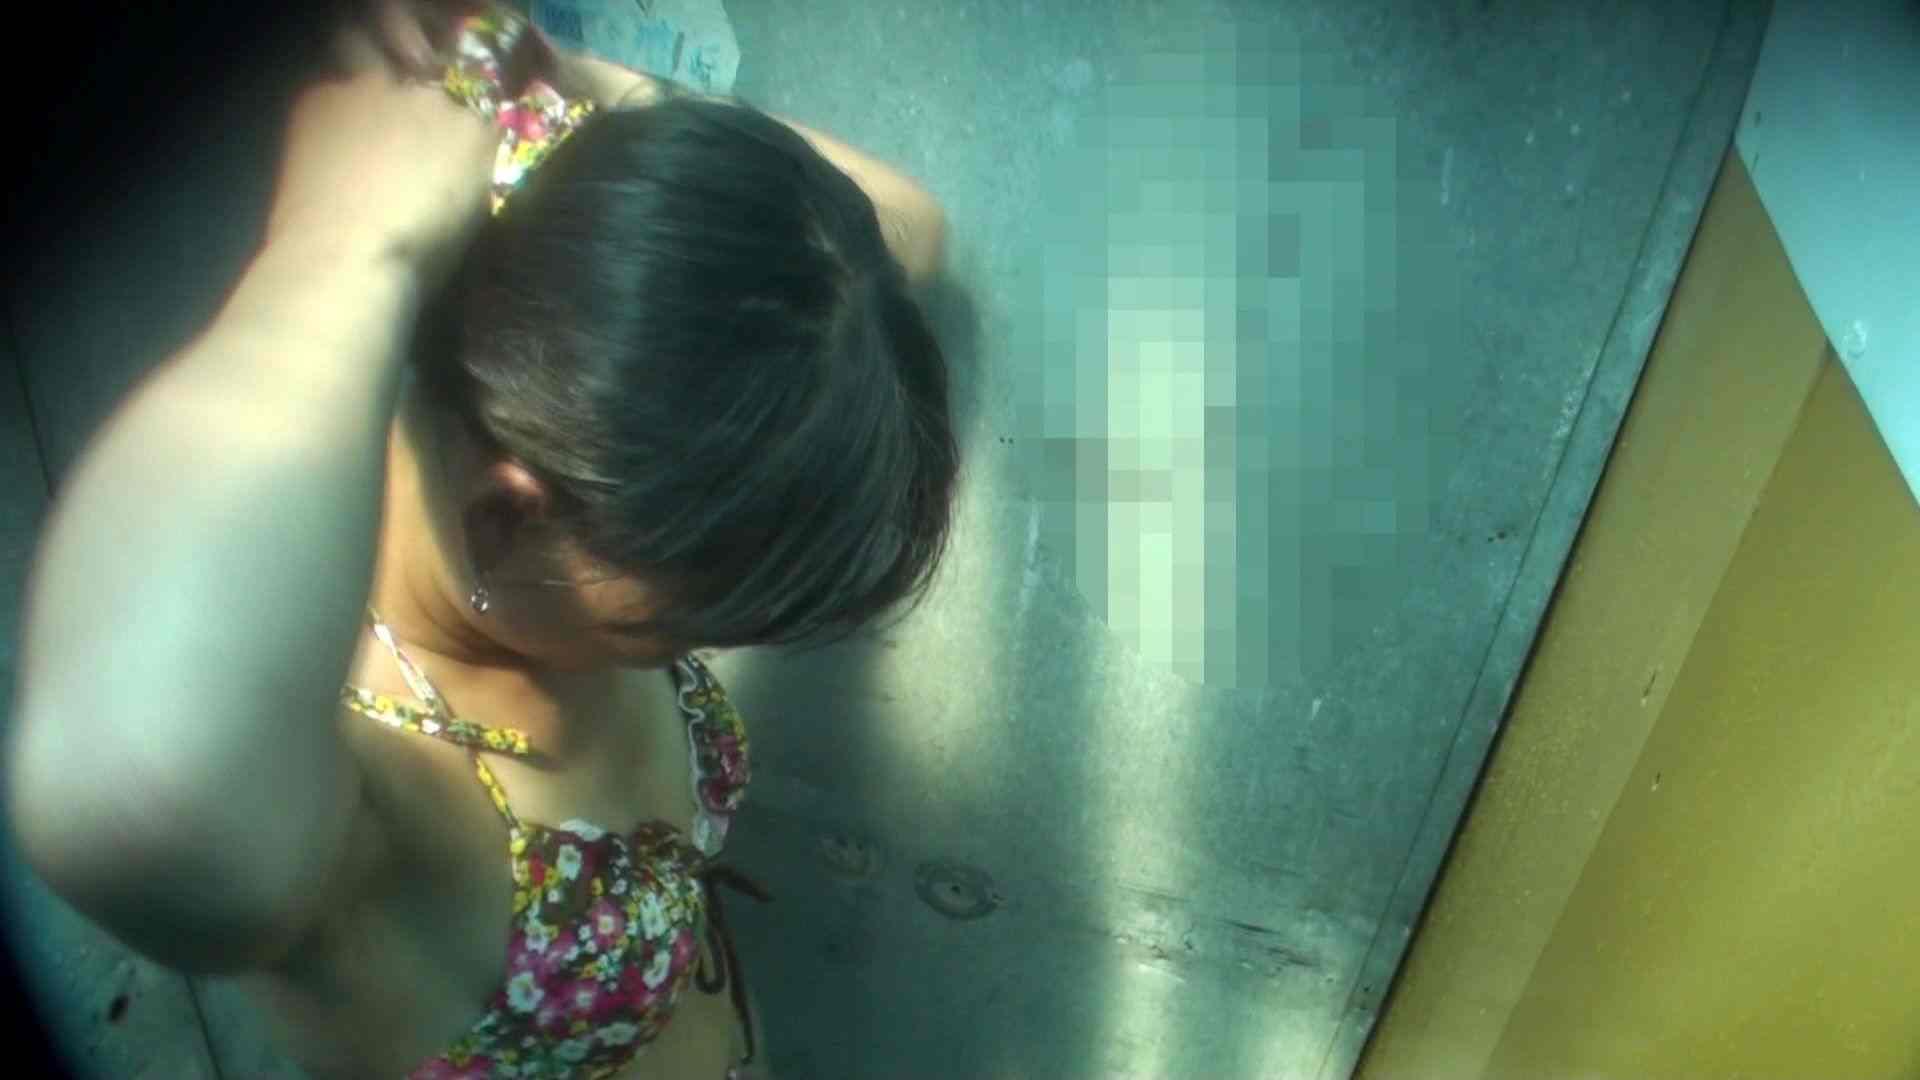 シャワールームは超!!危険な香りVol.16 意外に乳首は年増のそれ シャワー おめこ無修正動画無料 108画像 75